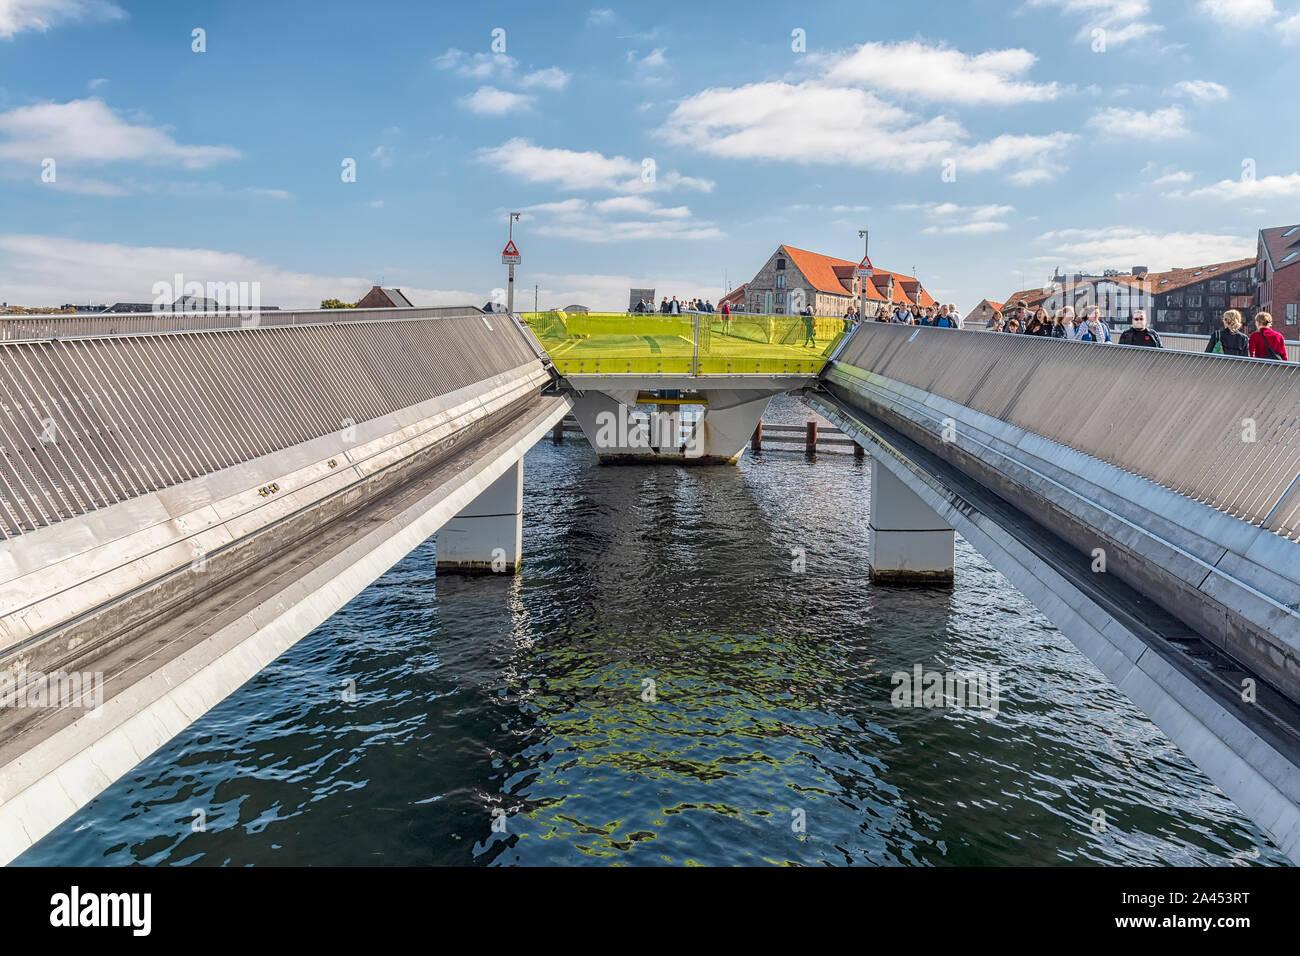 Copenhague, Danemark - septembre 21, 2019: Ouvert en 2016, cet hôtel moderne dispose d'un pont de chemin et design innovants pour les piétons et vélos. Banque D'Images